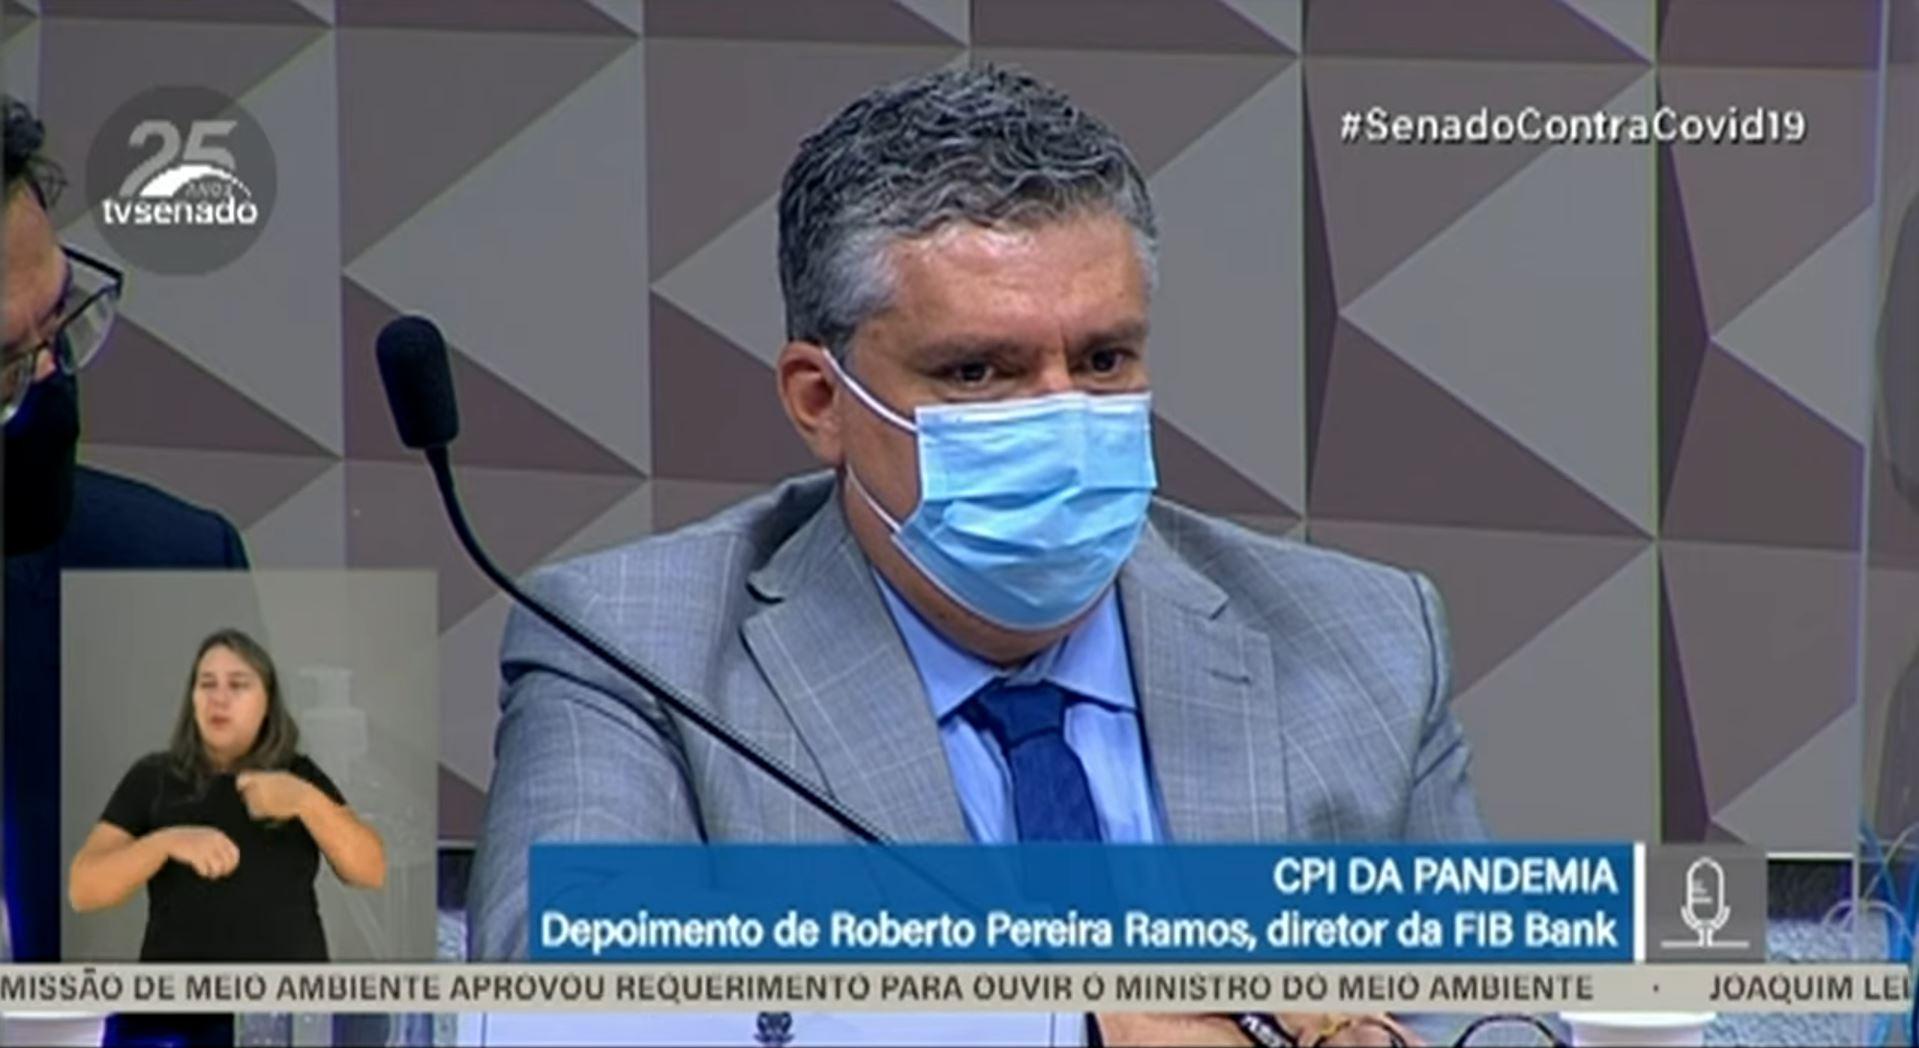 IMAGEM: Diretor do FIB Bank diz que não tem relação com Barros e Maximiano